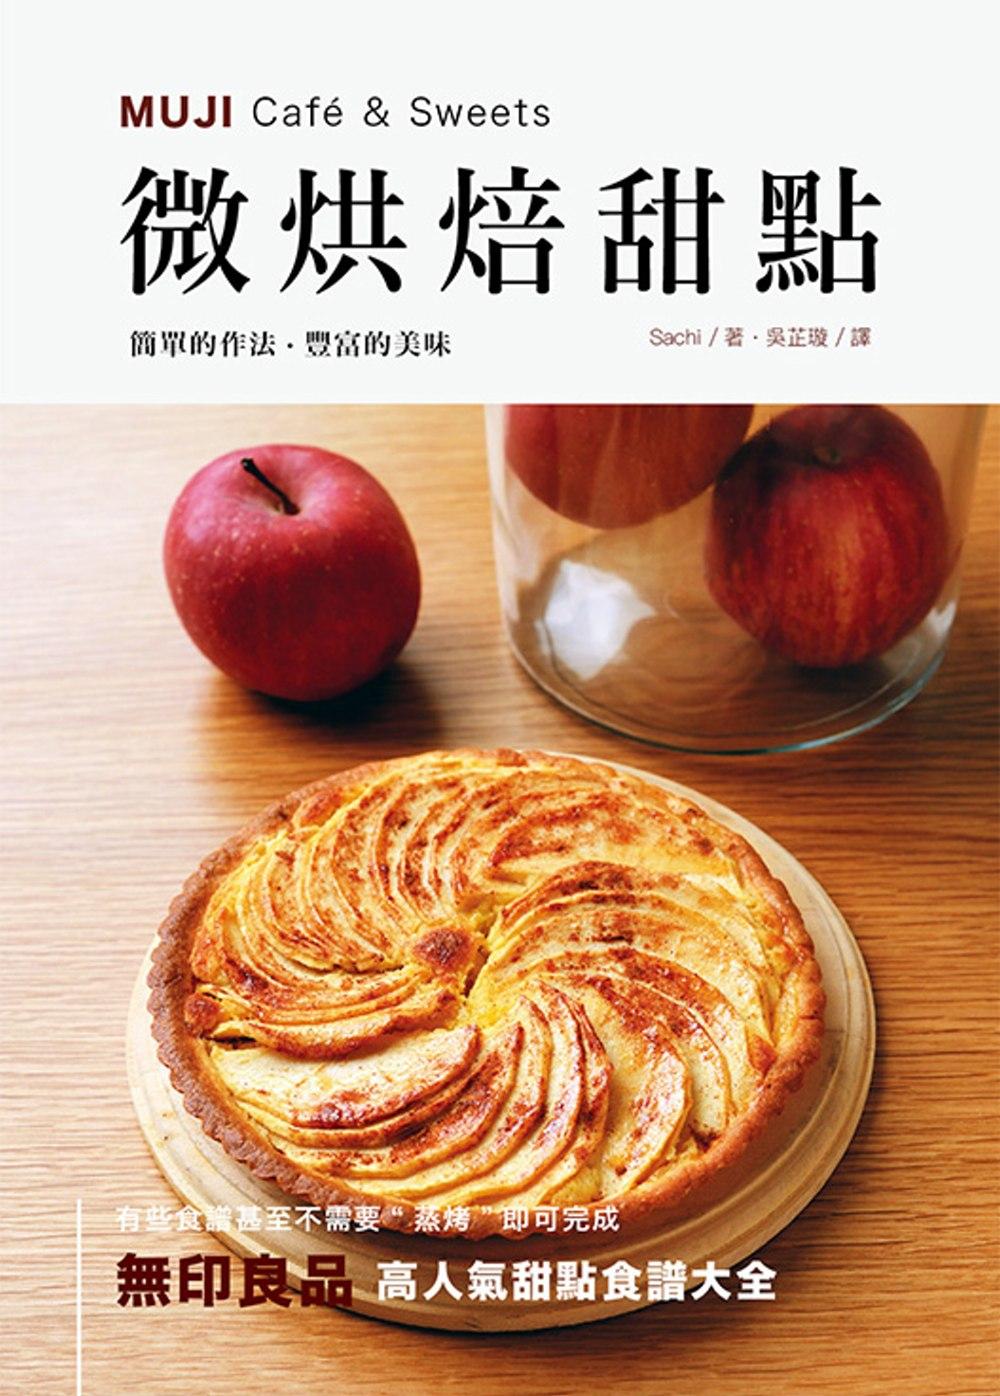 MUJI Café & Sweets 微烘焙甜點(二版)